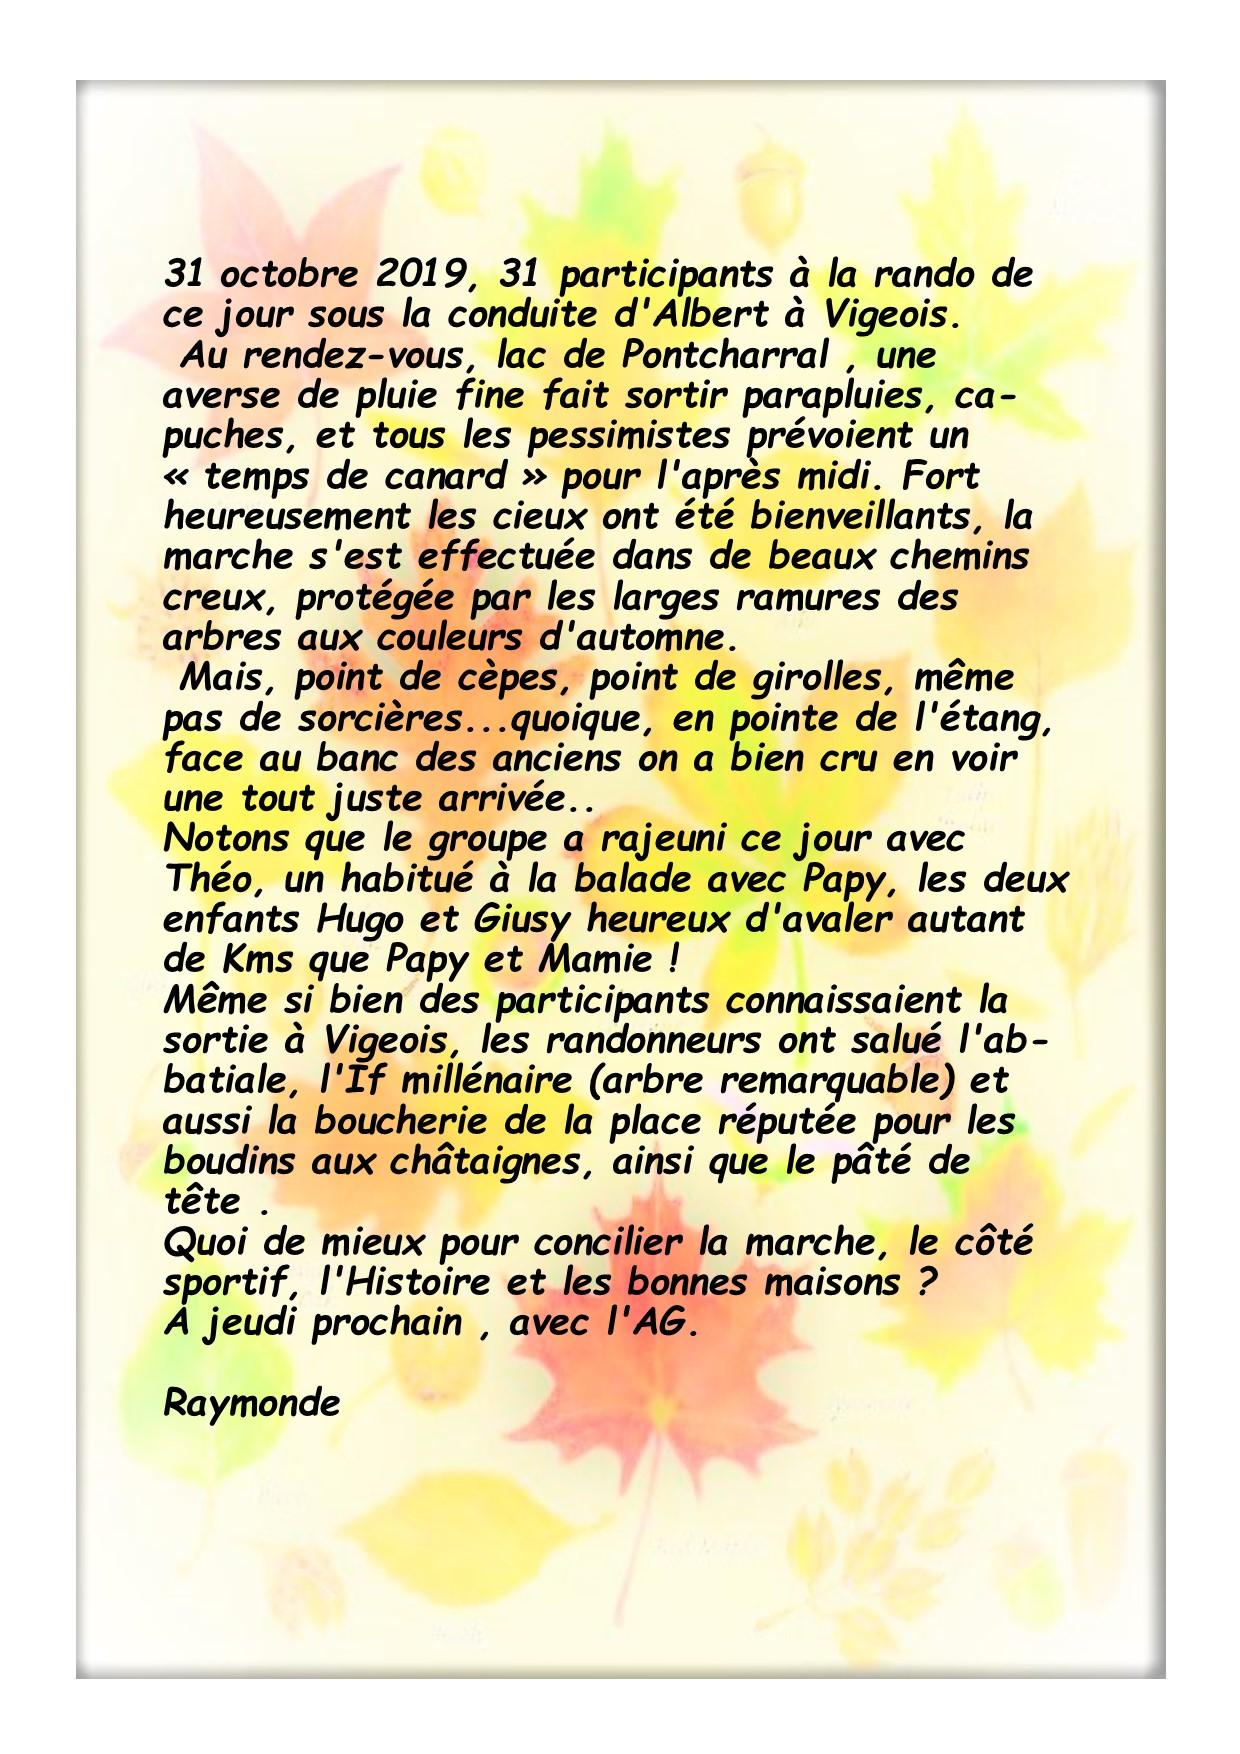 Raymonte